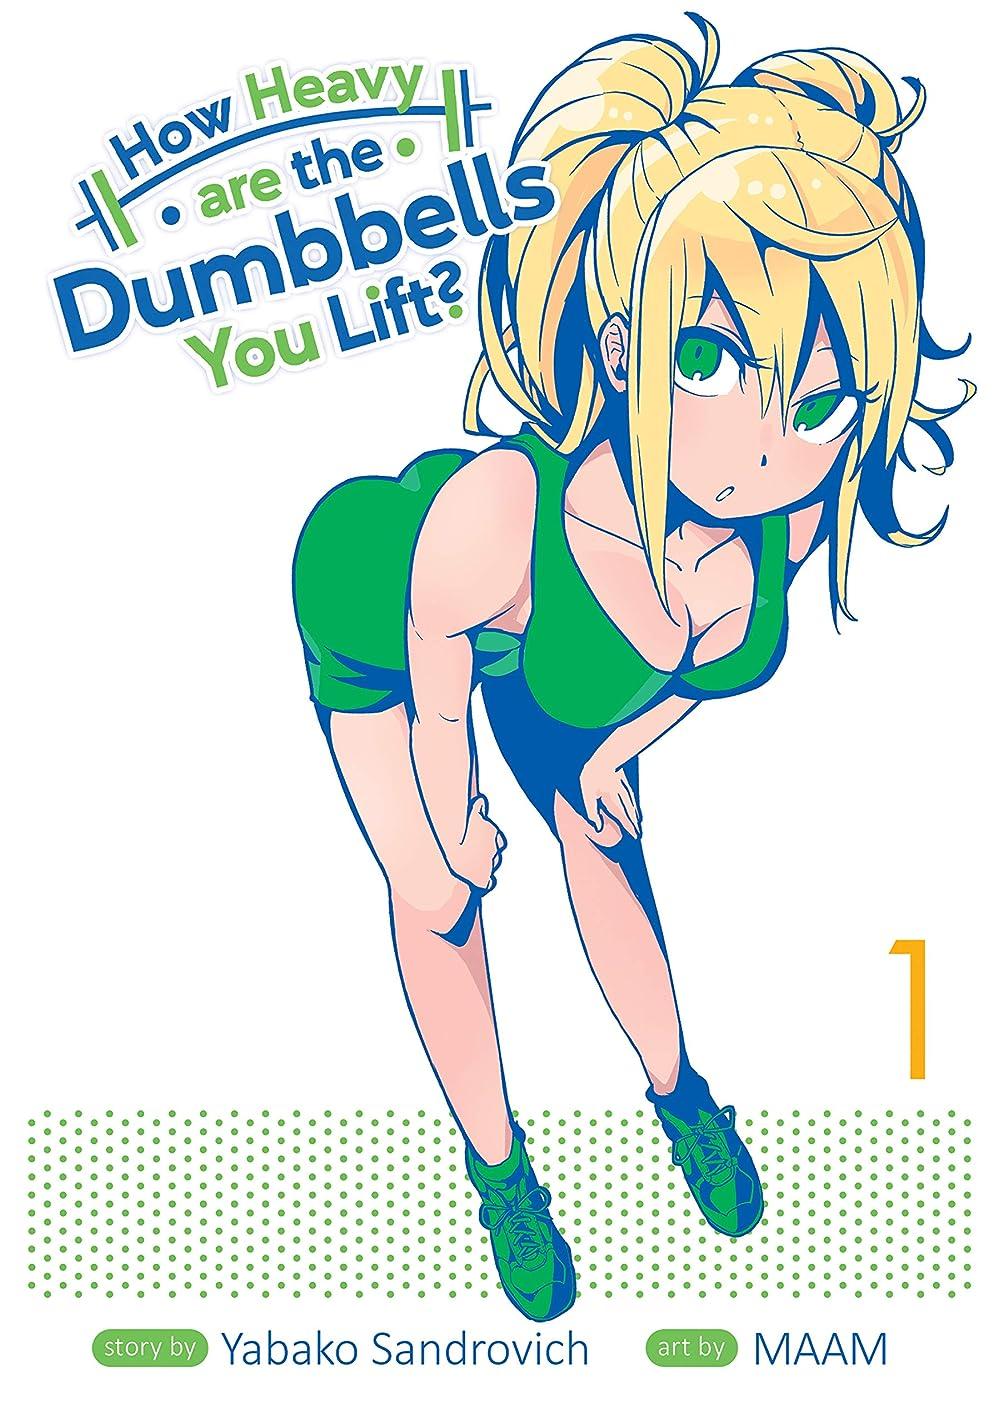 地下鉄復活れんがHow Heavy Are the Dumbbells You Lift? Vol. 1 (English Edition)